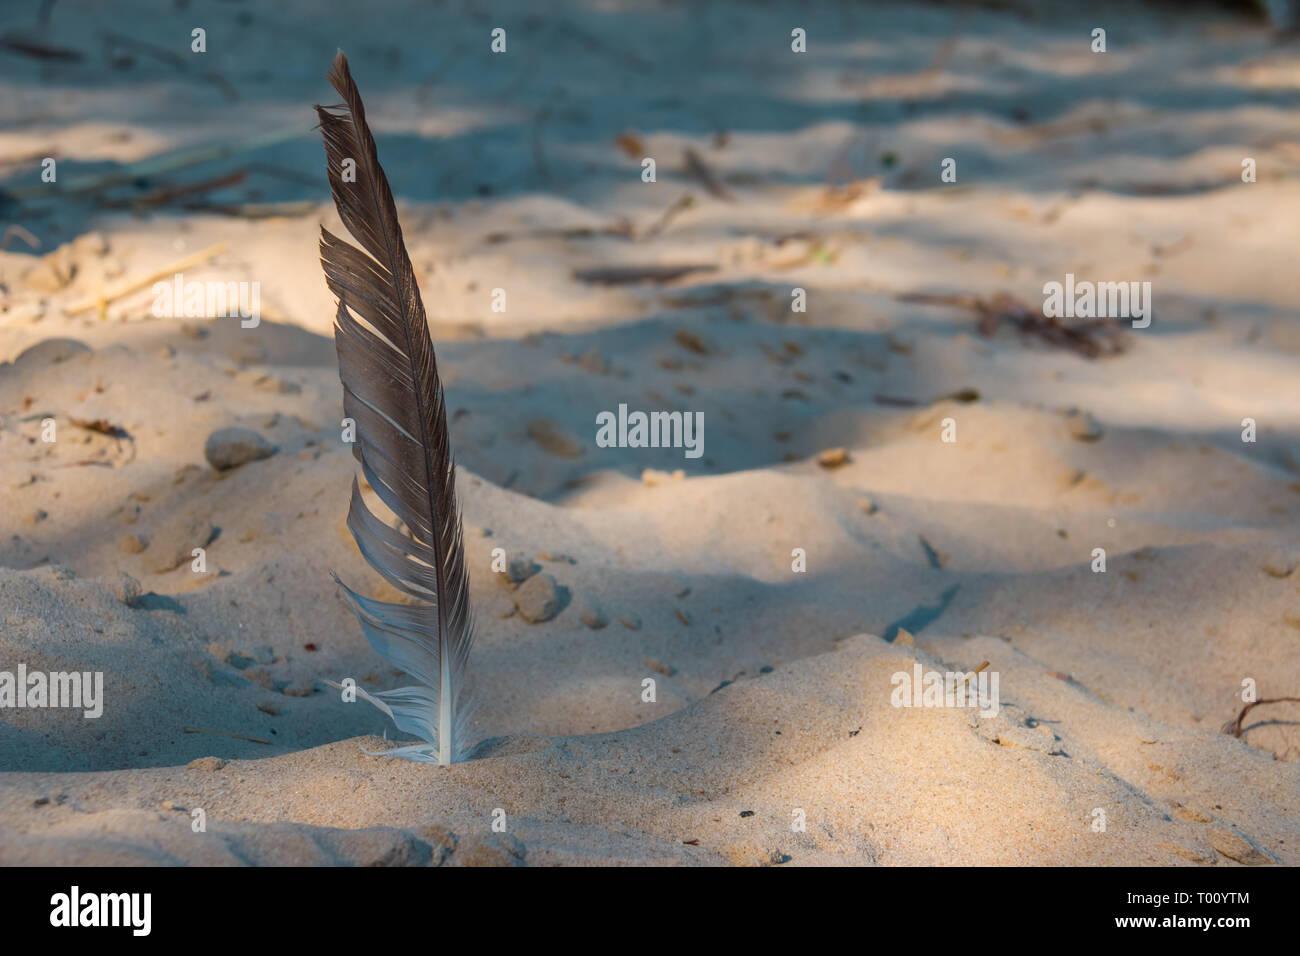 Une plume d'oiseau est dans le sable Photo Stock